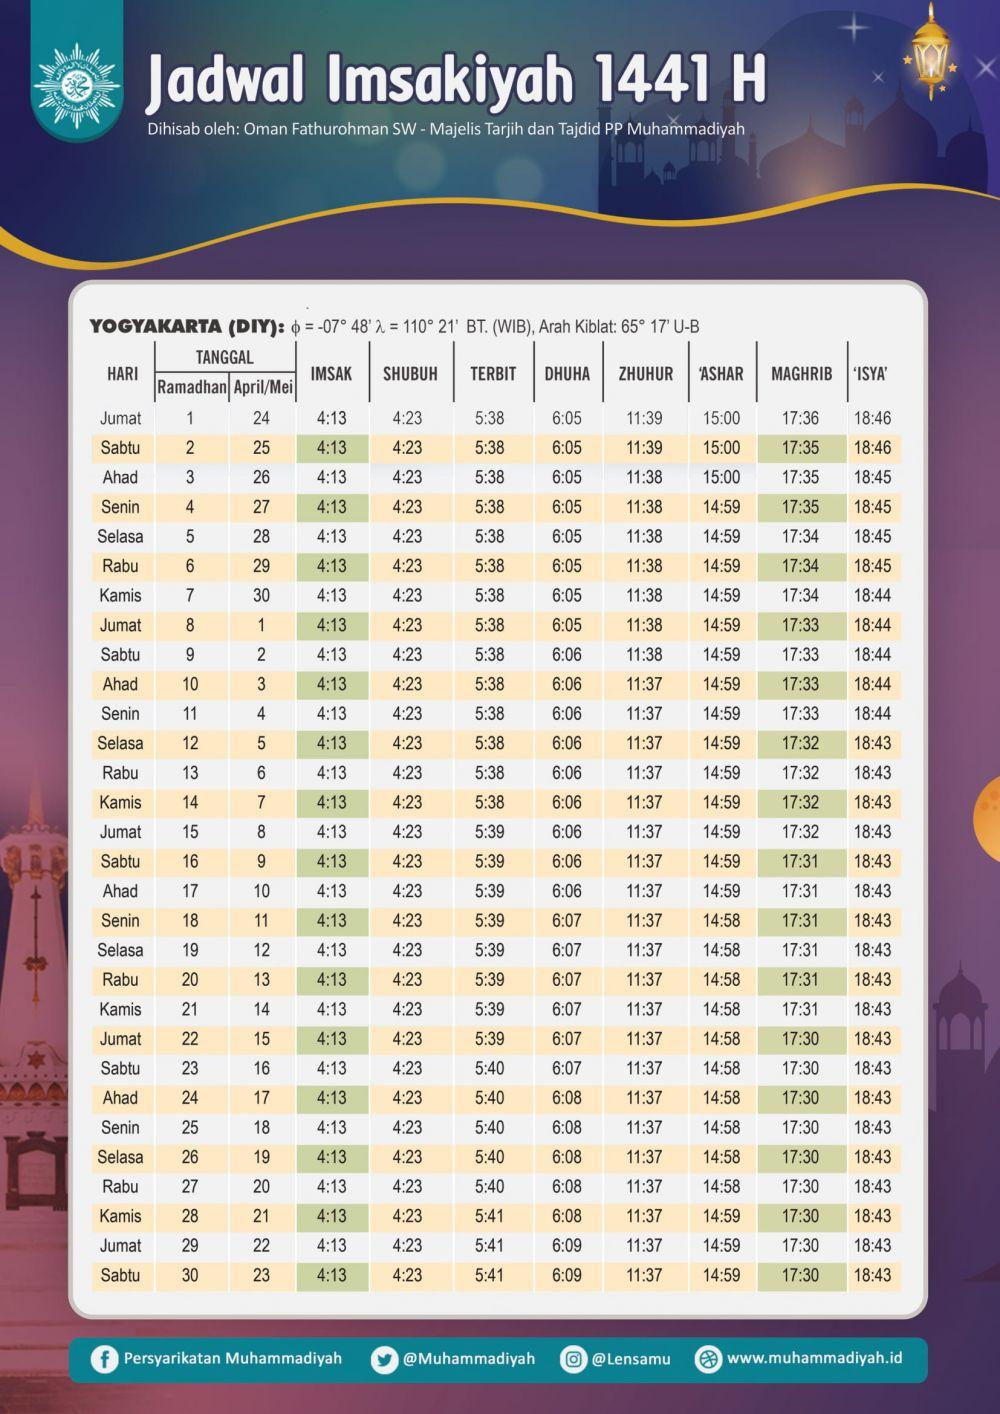 Jadwal Imsakiyah kota Yogyakarta (muhammadiyah.or.id)